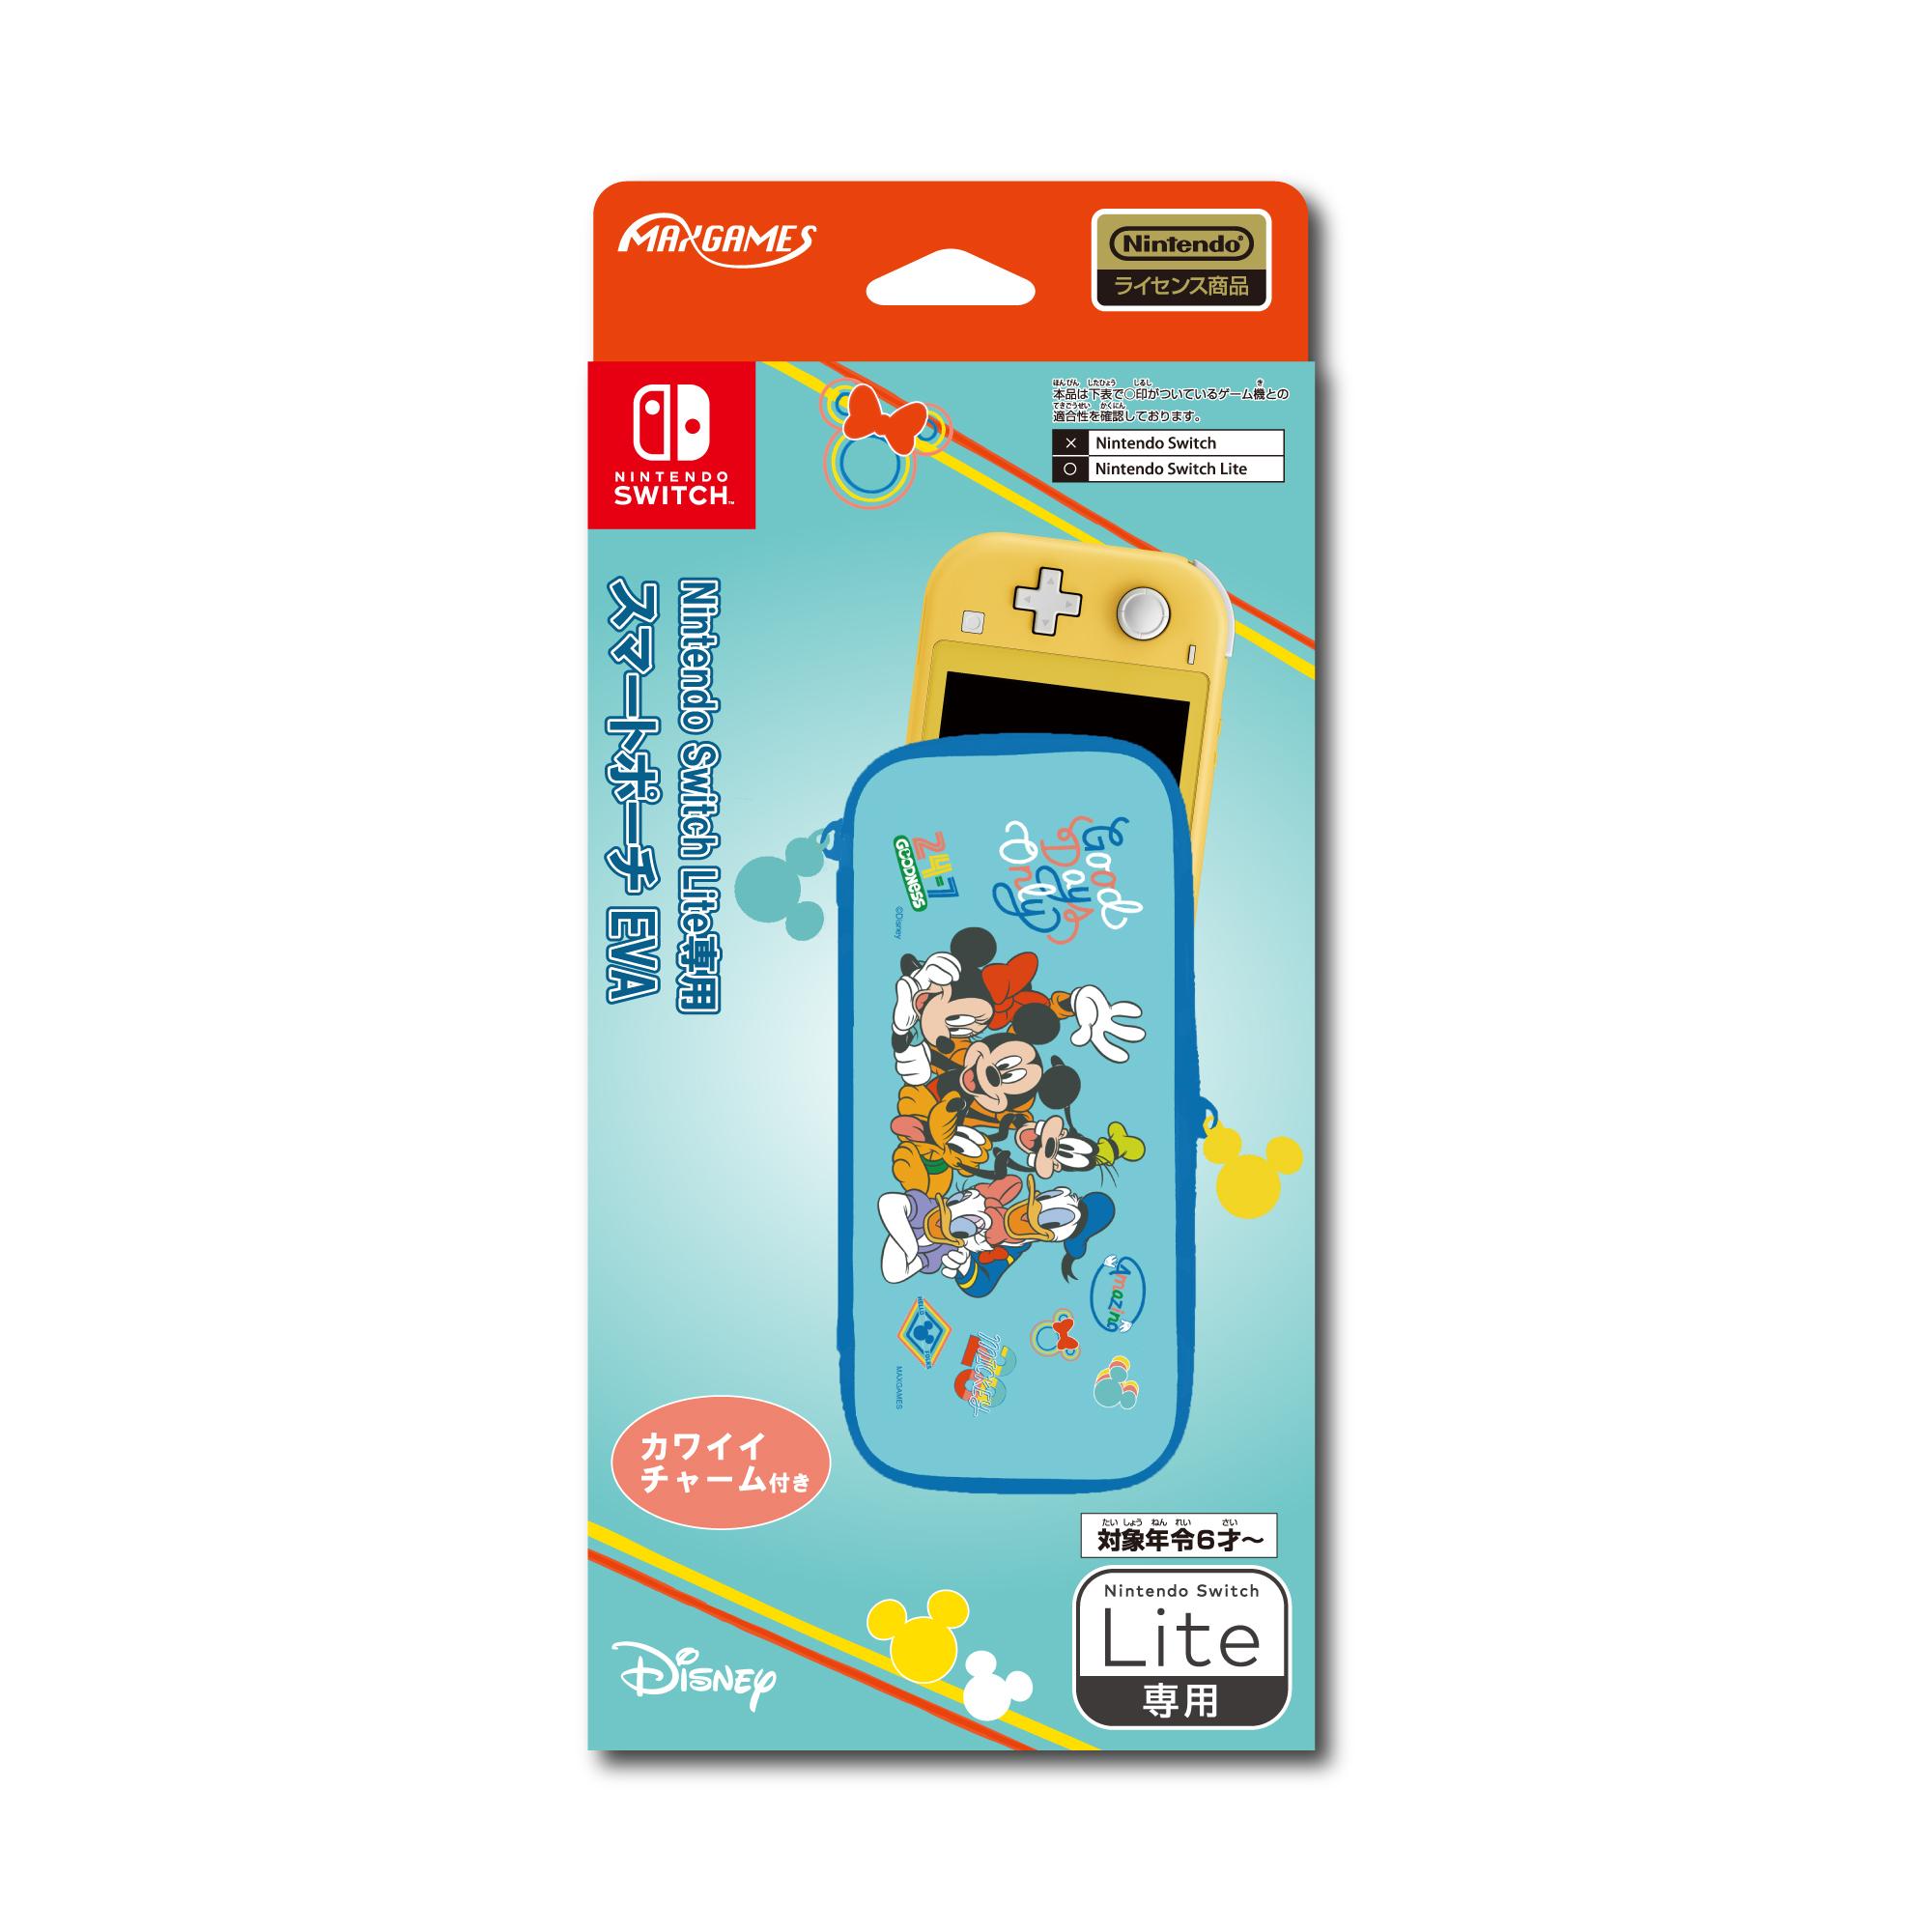 Nintendo Switch Lite専用<br>スマートポーチEVA<br>ミッキー&フレンズ(ミント)